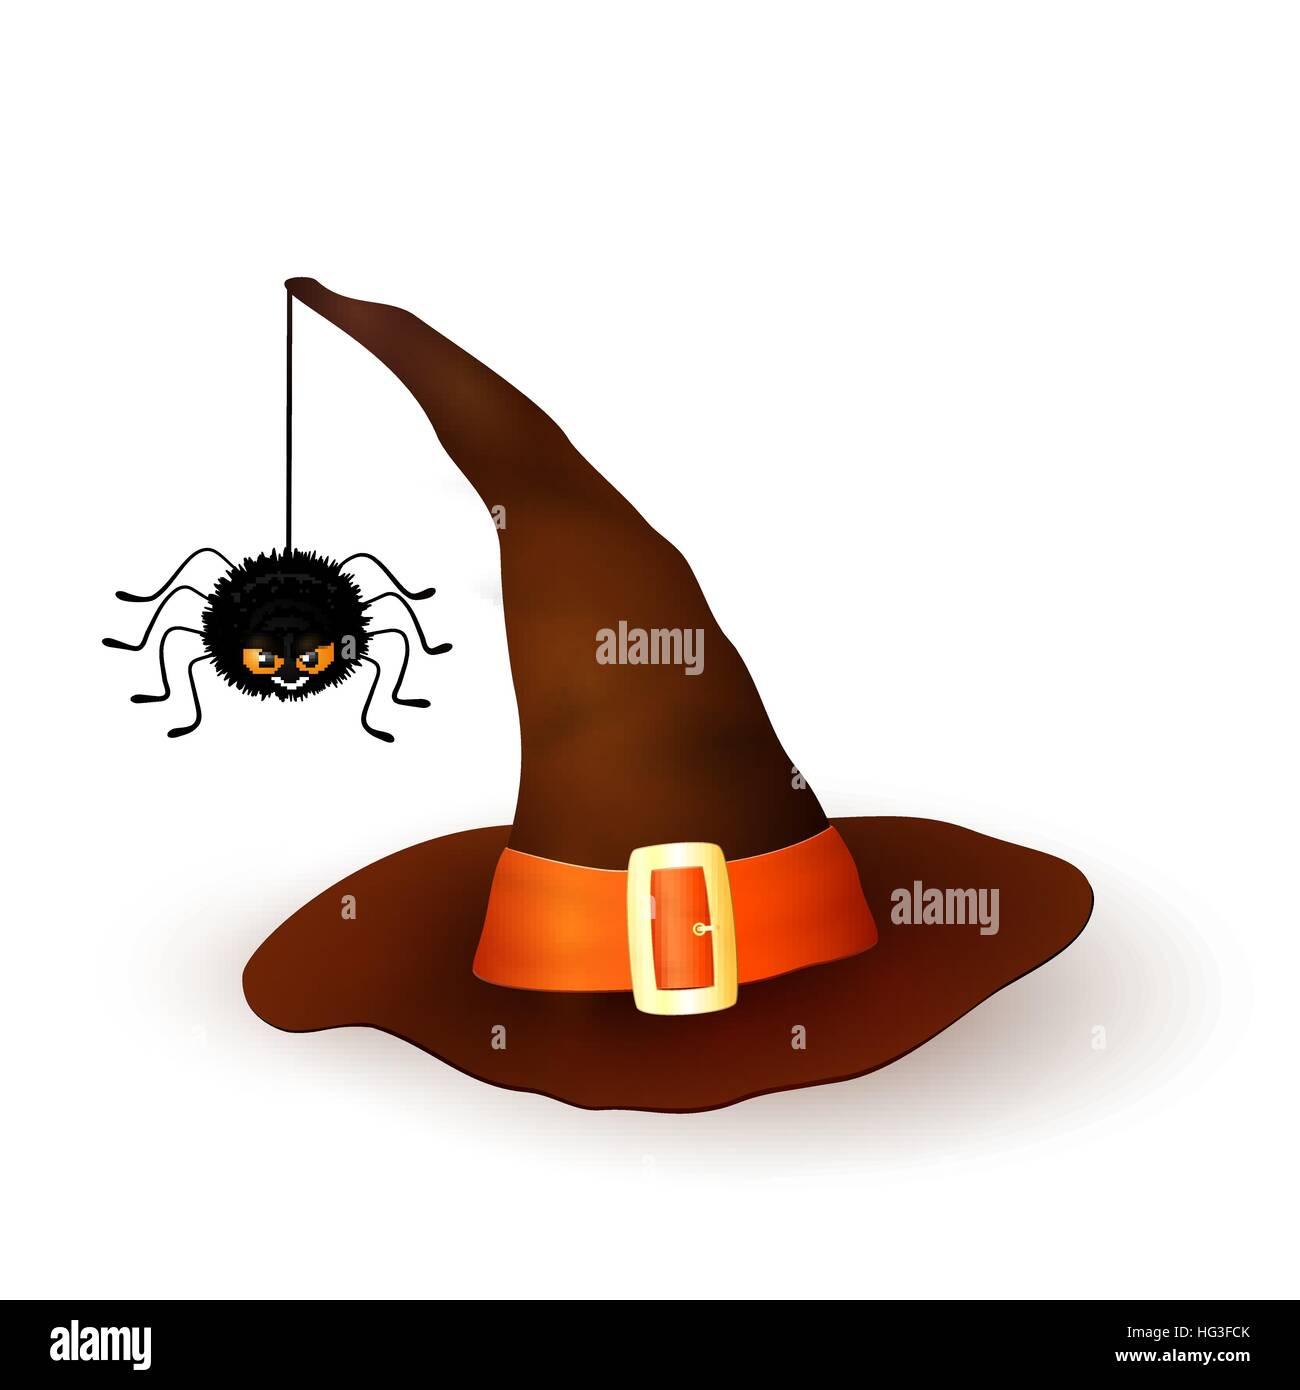 Cartoon Halloween 3d strega con cappello di appendere hairy black spider  isolati su sfondo bianco. Tappo marrone con un nastro arancione e fibbia. c942aae2d08f